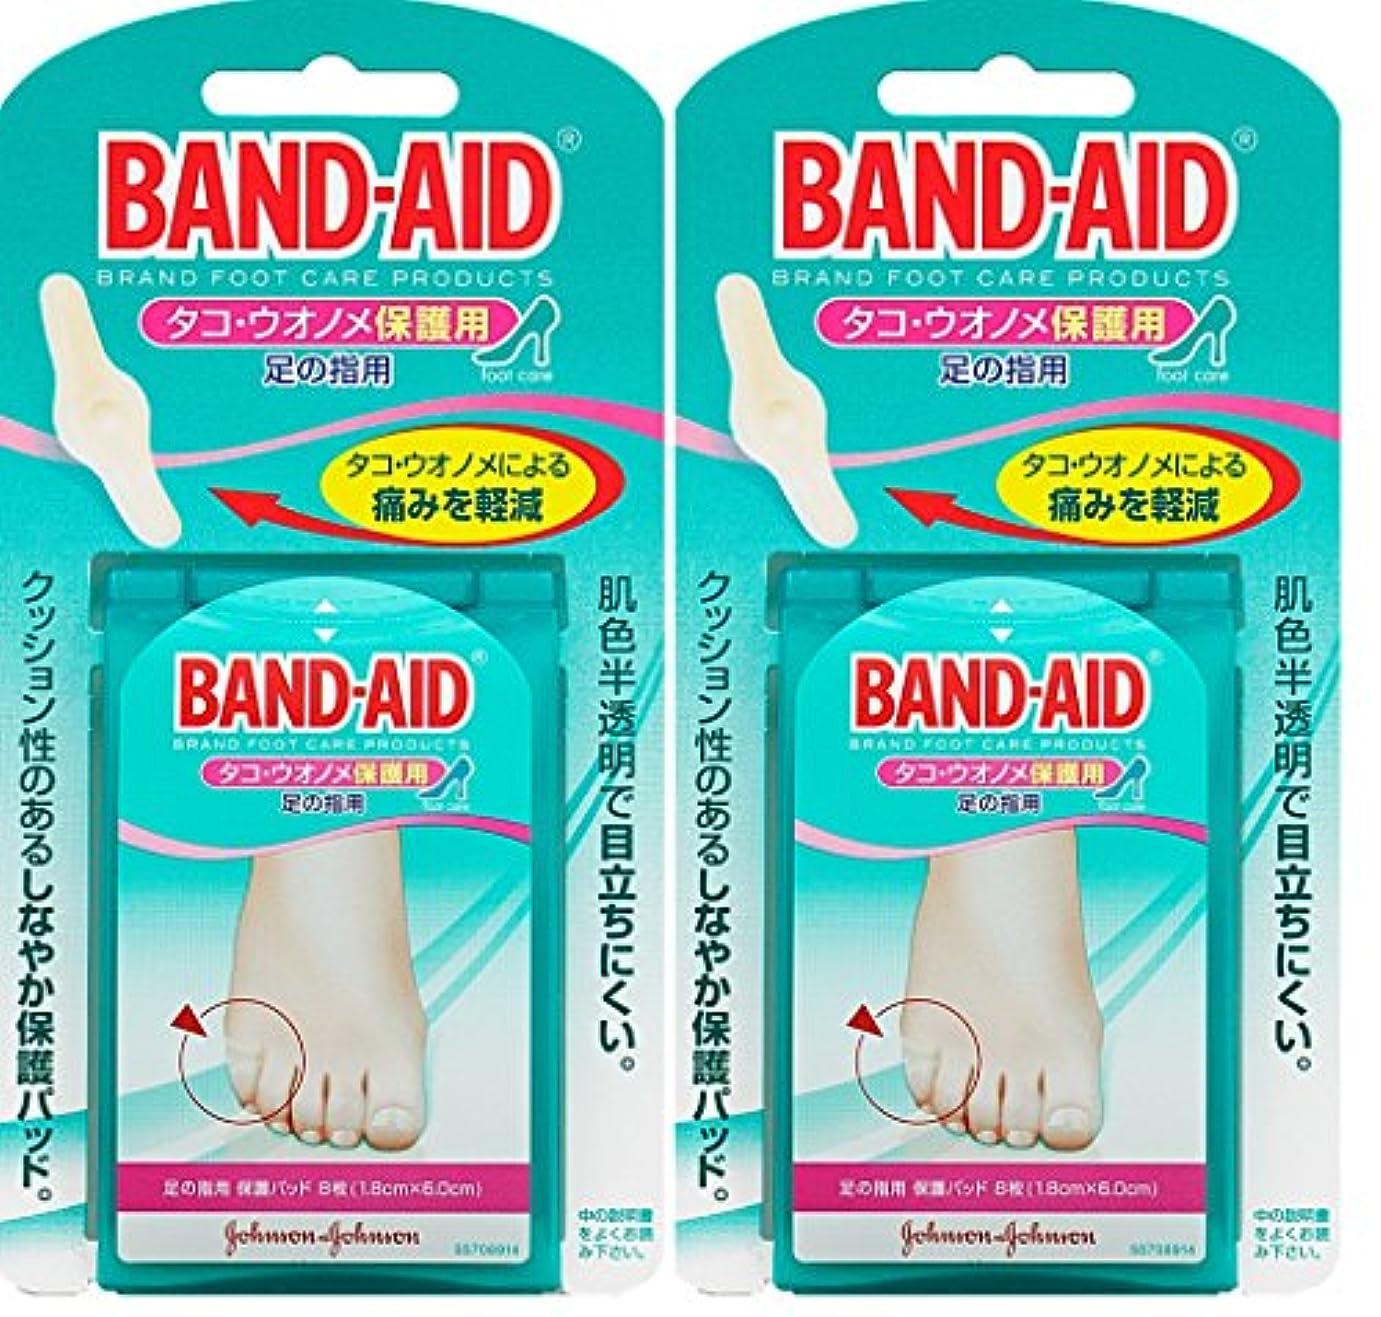 尾コテージ隣接【まとめ買い】BAND-AID(バンドエイド) タコ?ウオノメ保護用 足の指用 8枚×2個